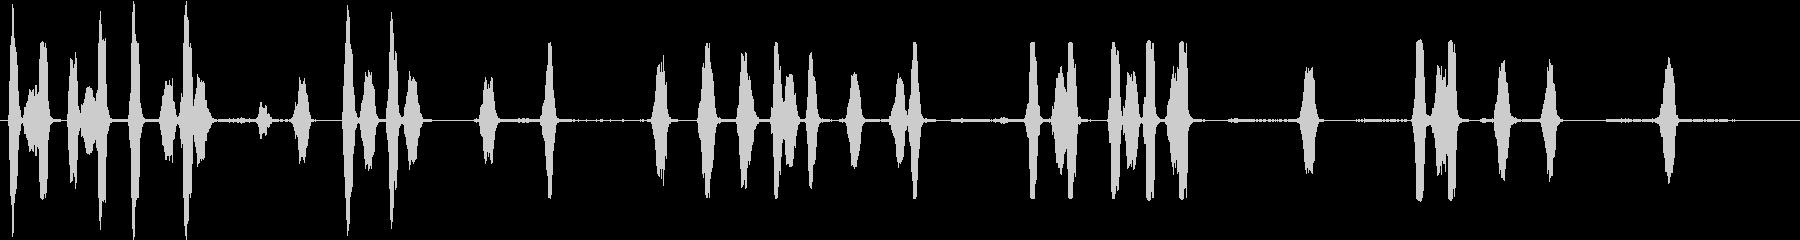 フィンランドのラップハンド犬:内線...の未再生の波形